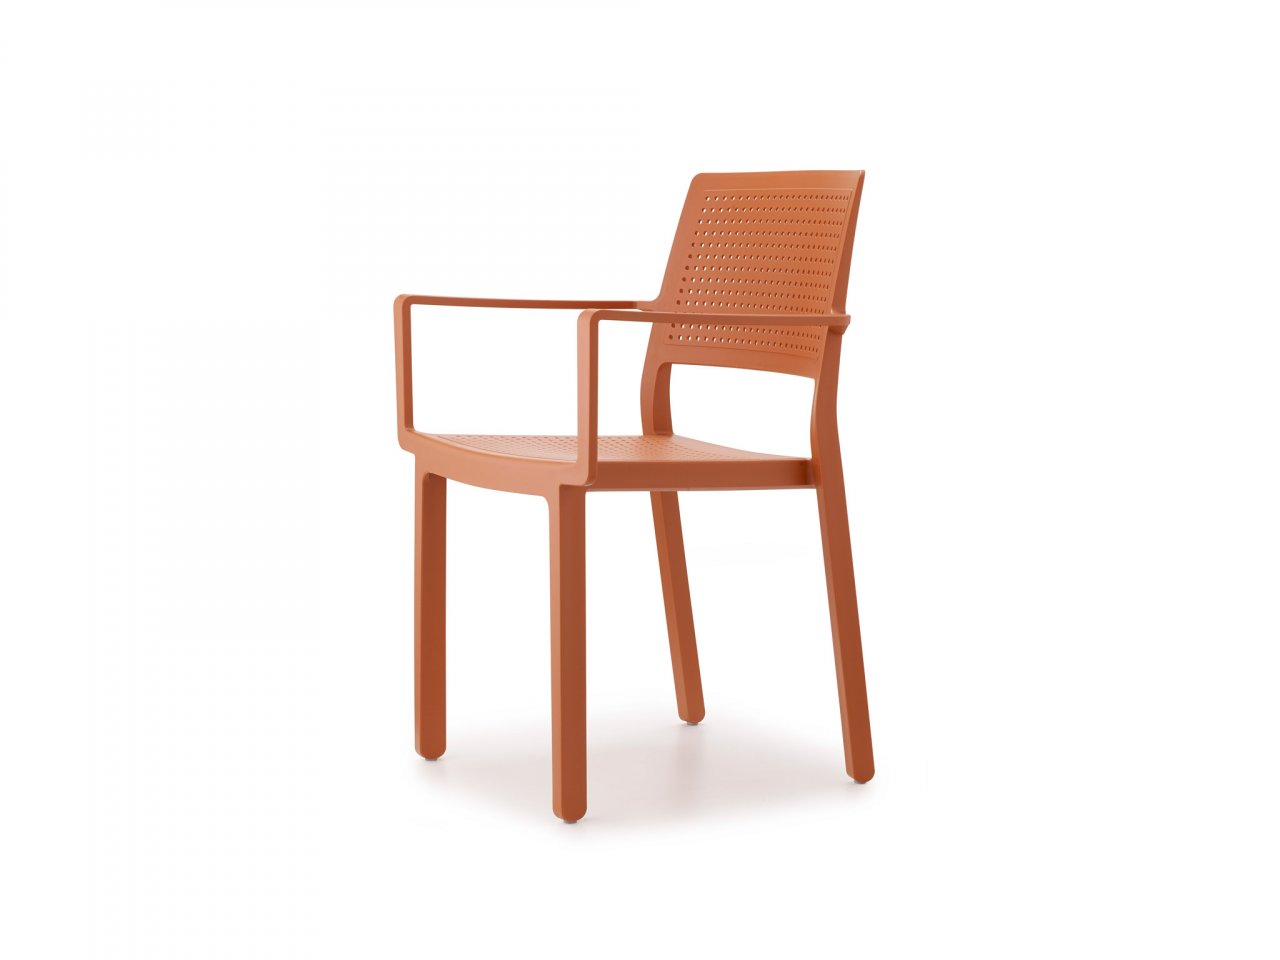 Sedia Con Braccioli Emi - v4